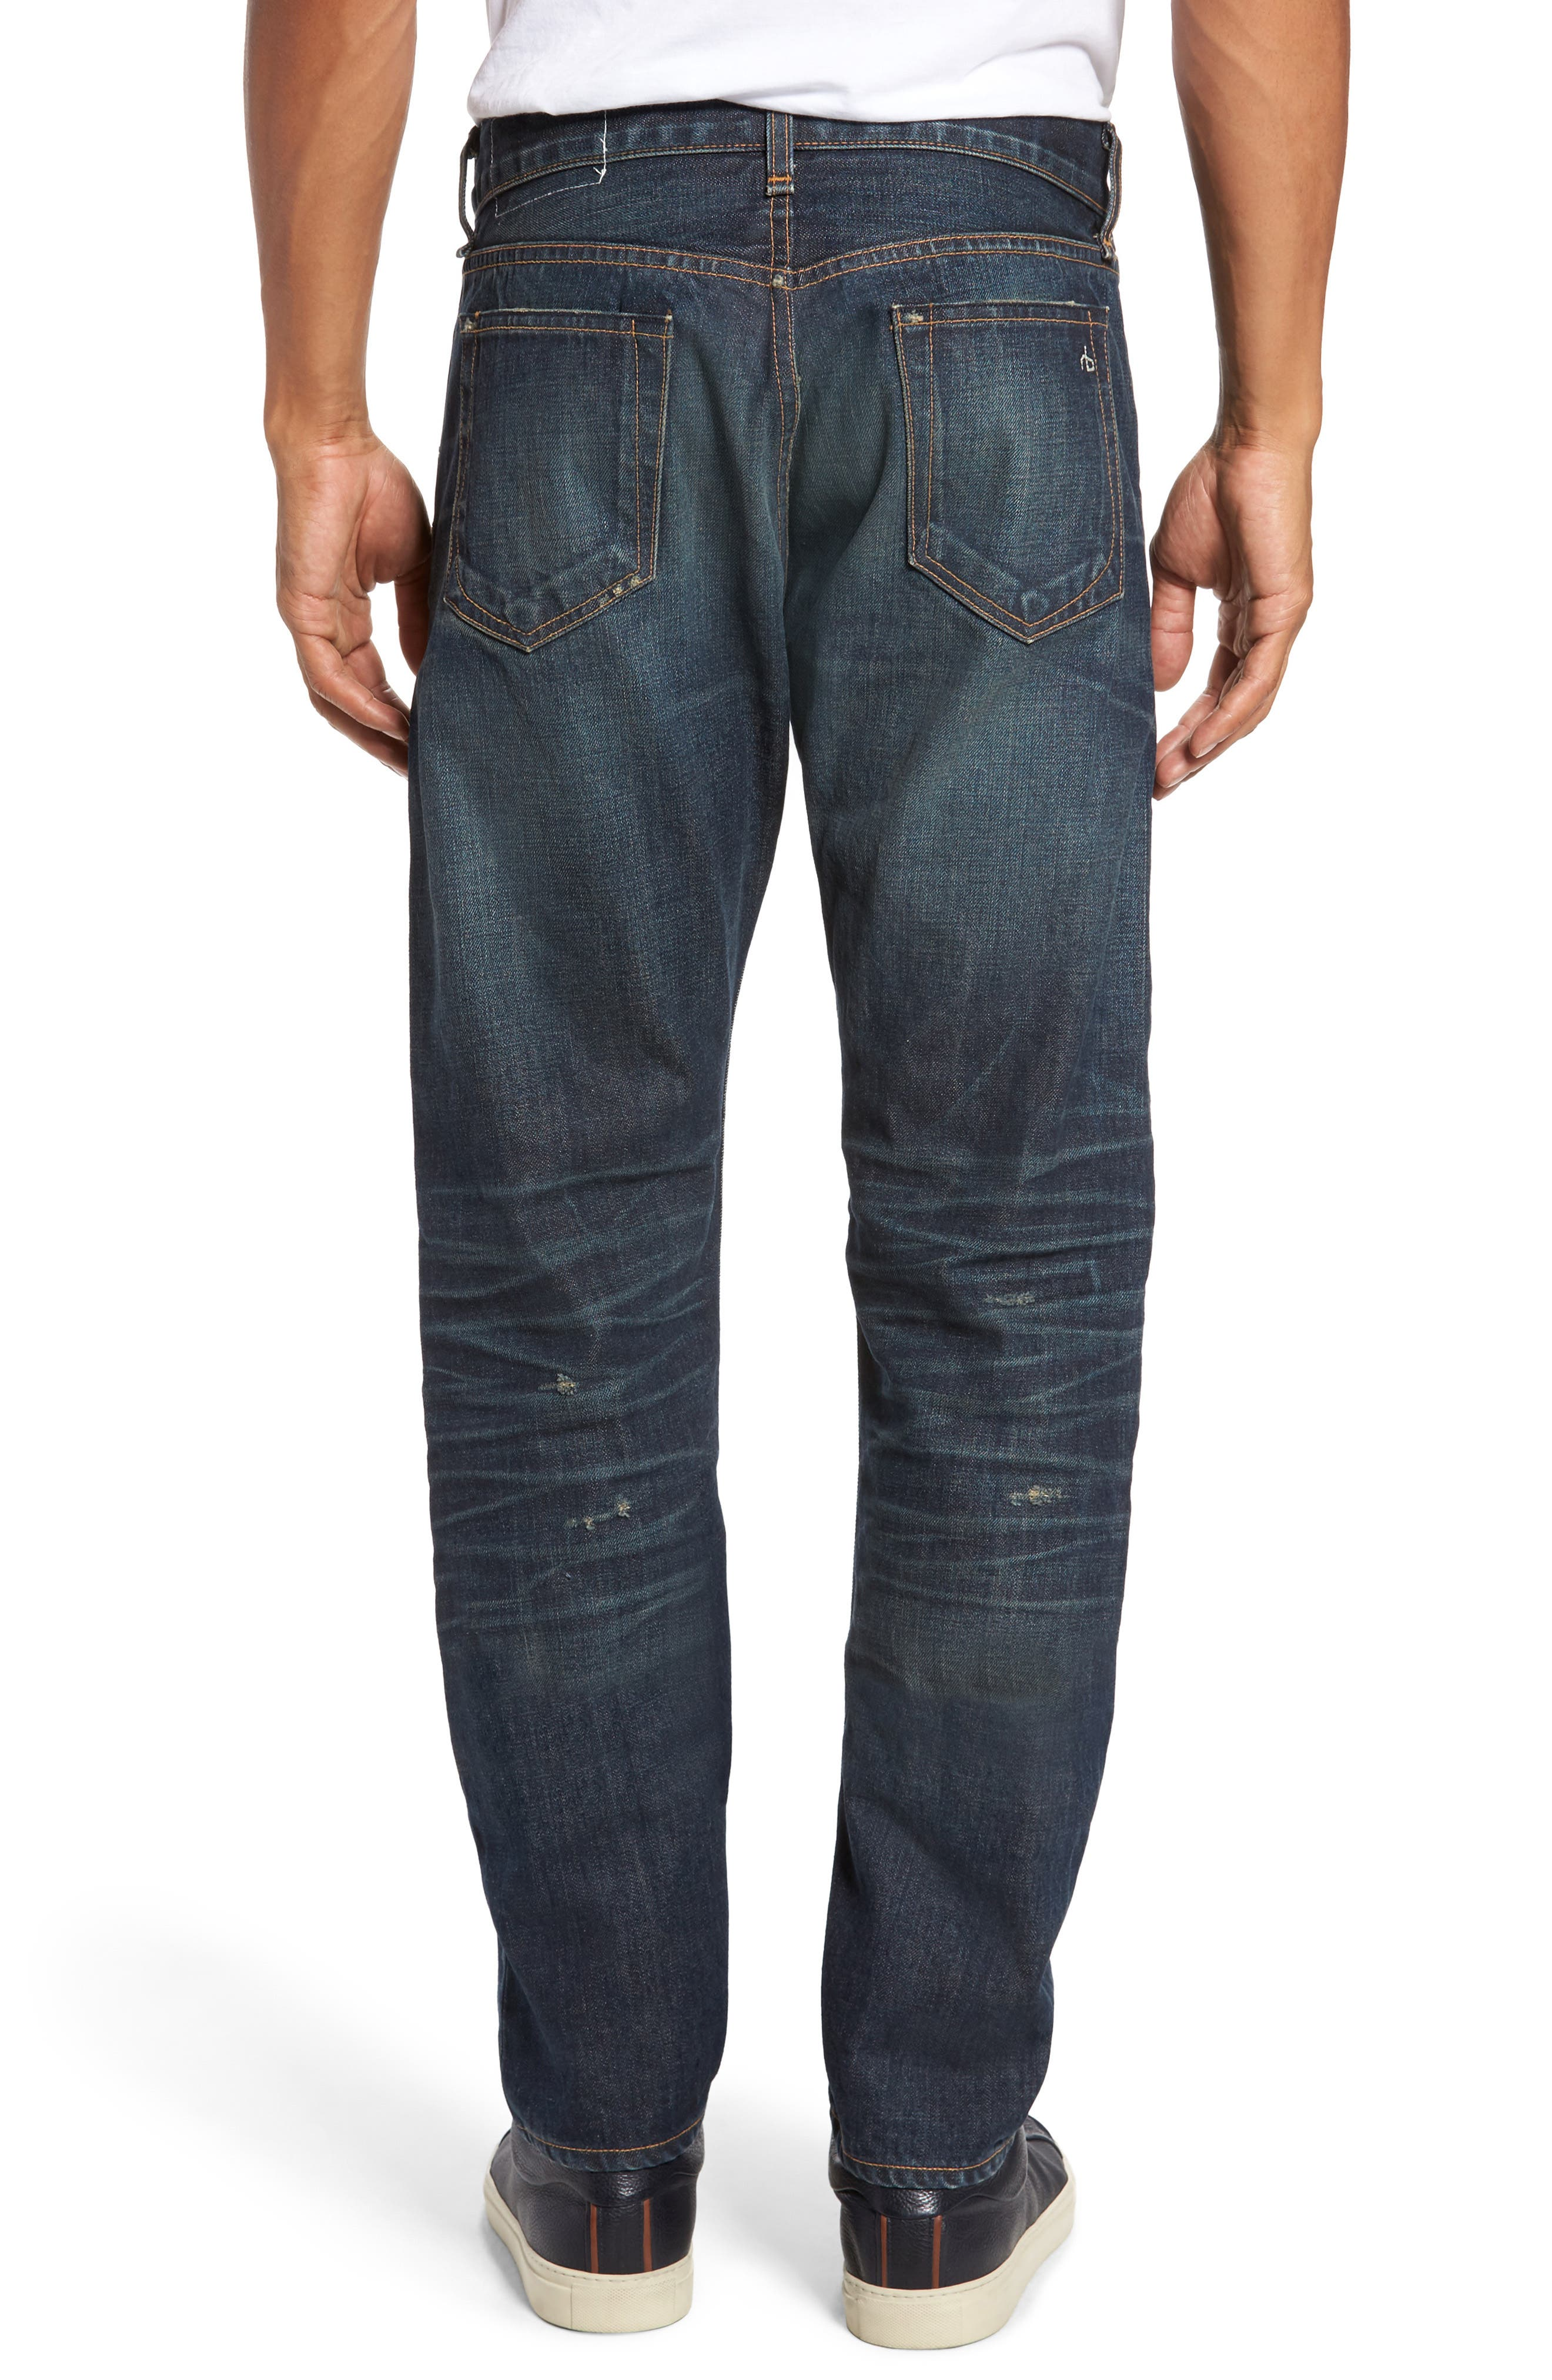 Fit 2 Slim Fit Jeans,                             Alternate thumbnail 2, color,                             423